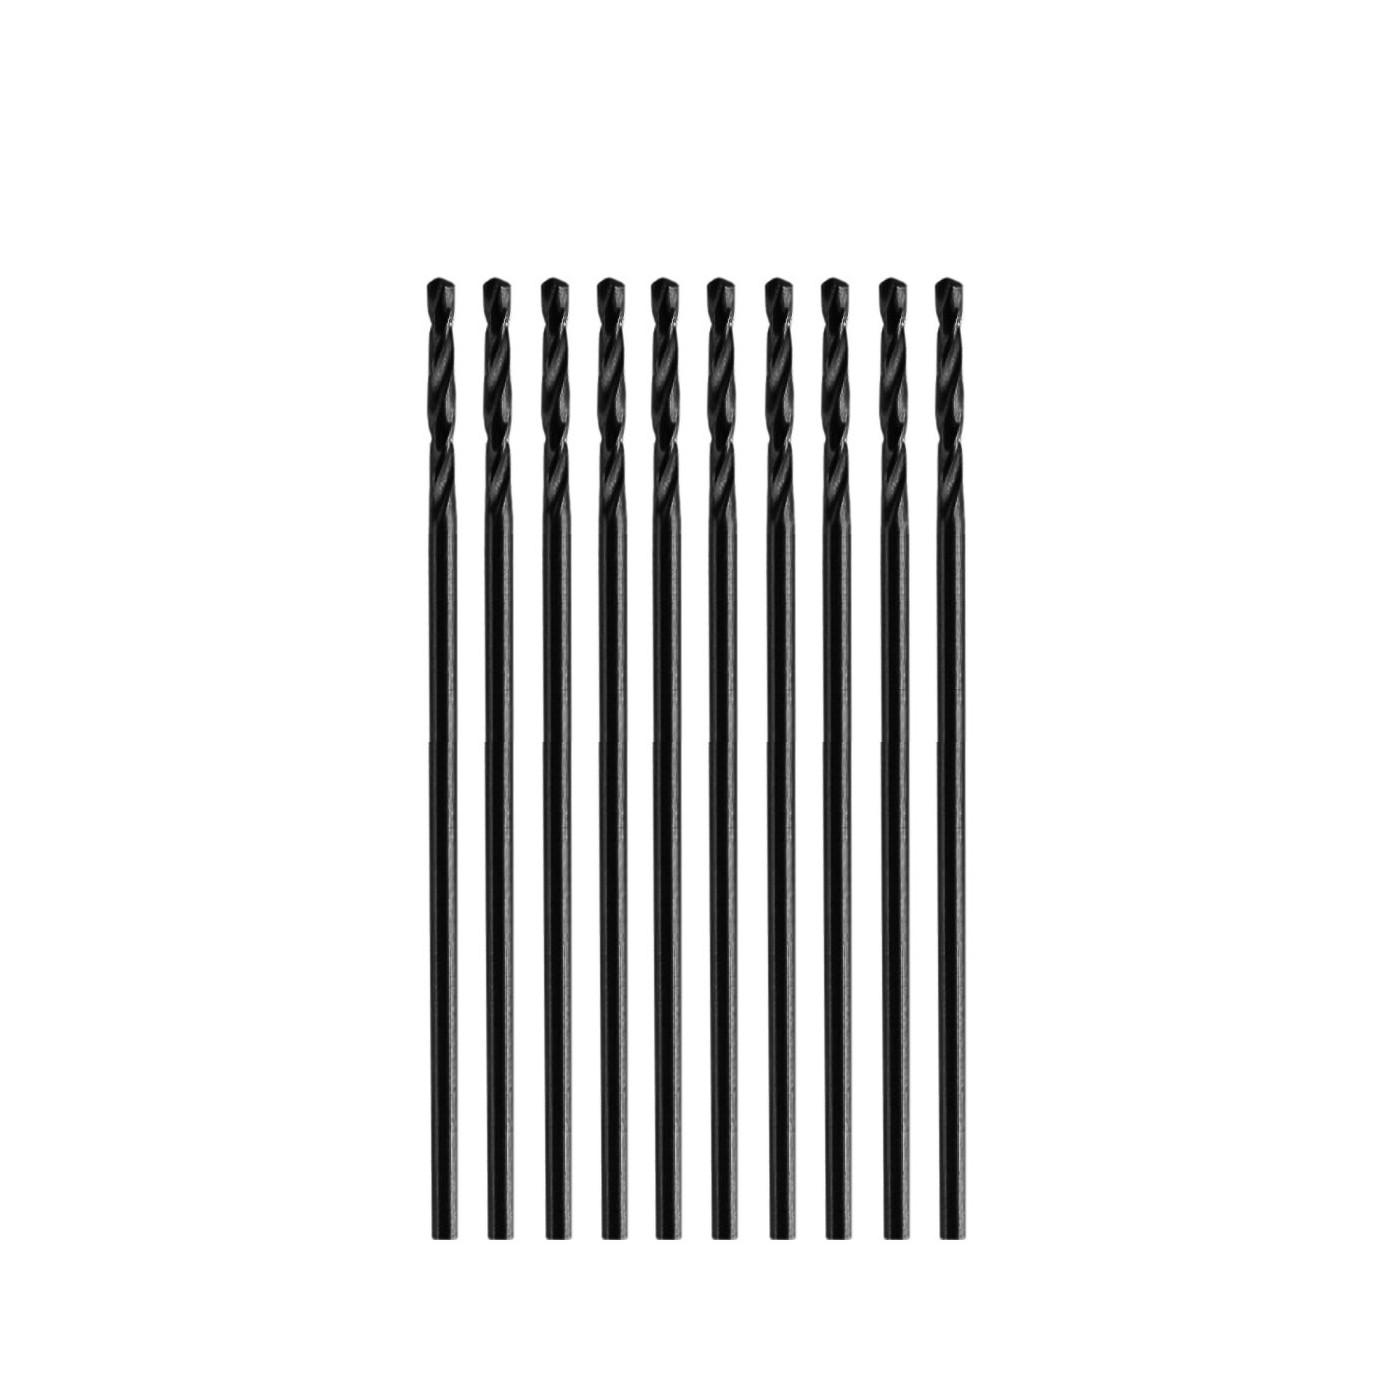 Conjunto de 10 brocas pequenas de metal (3,2x65 mm, HSS-R)  - 1